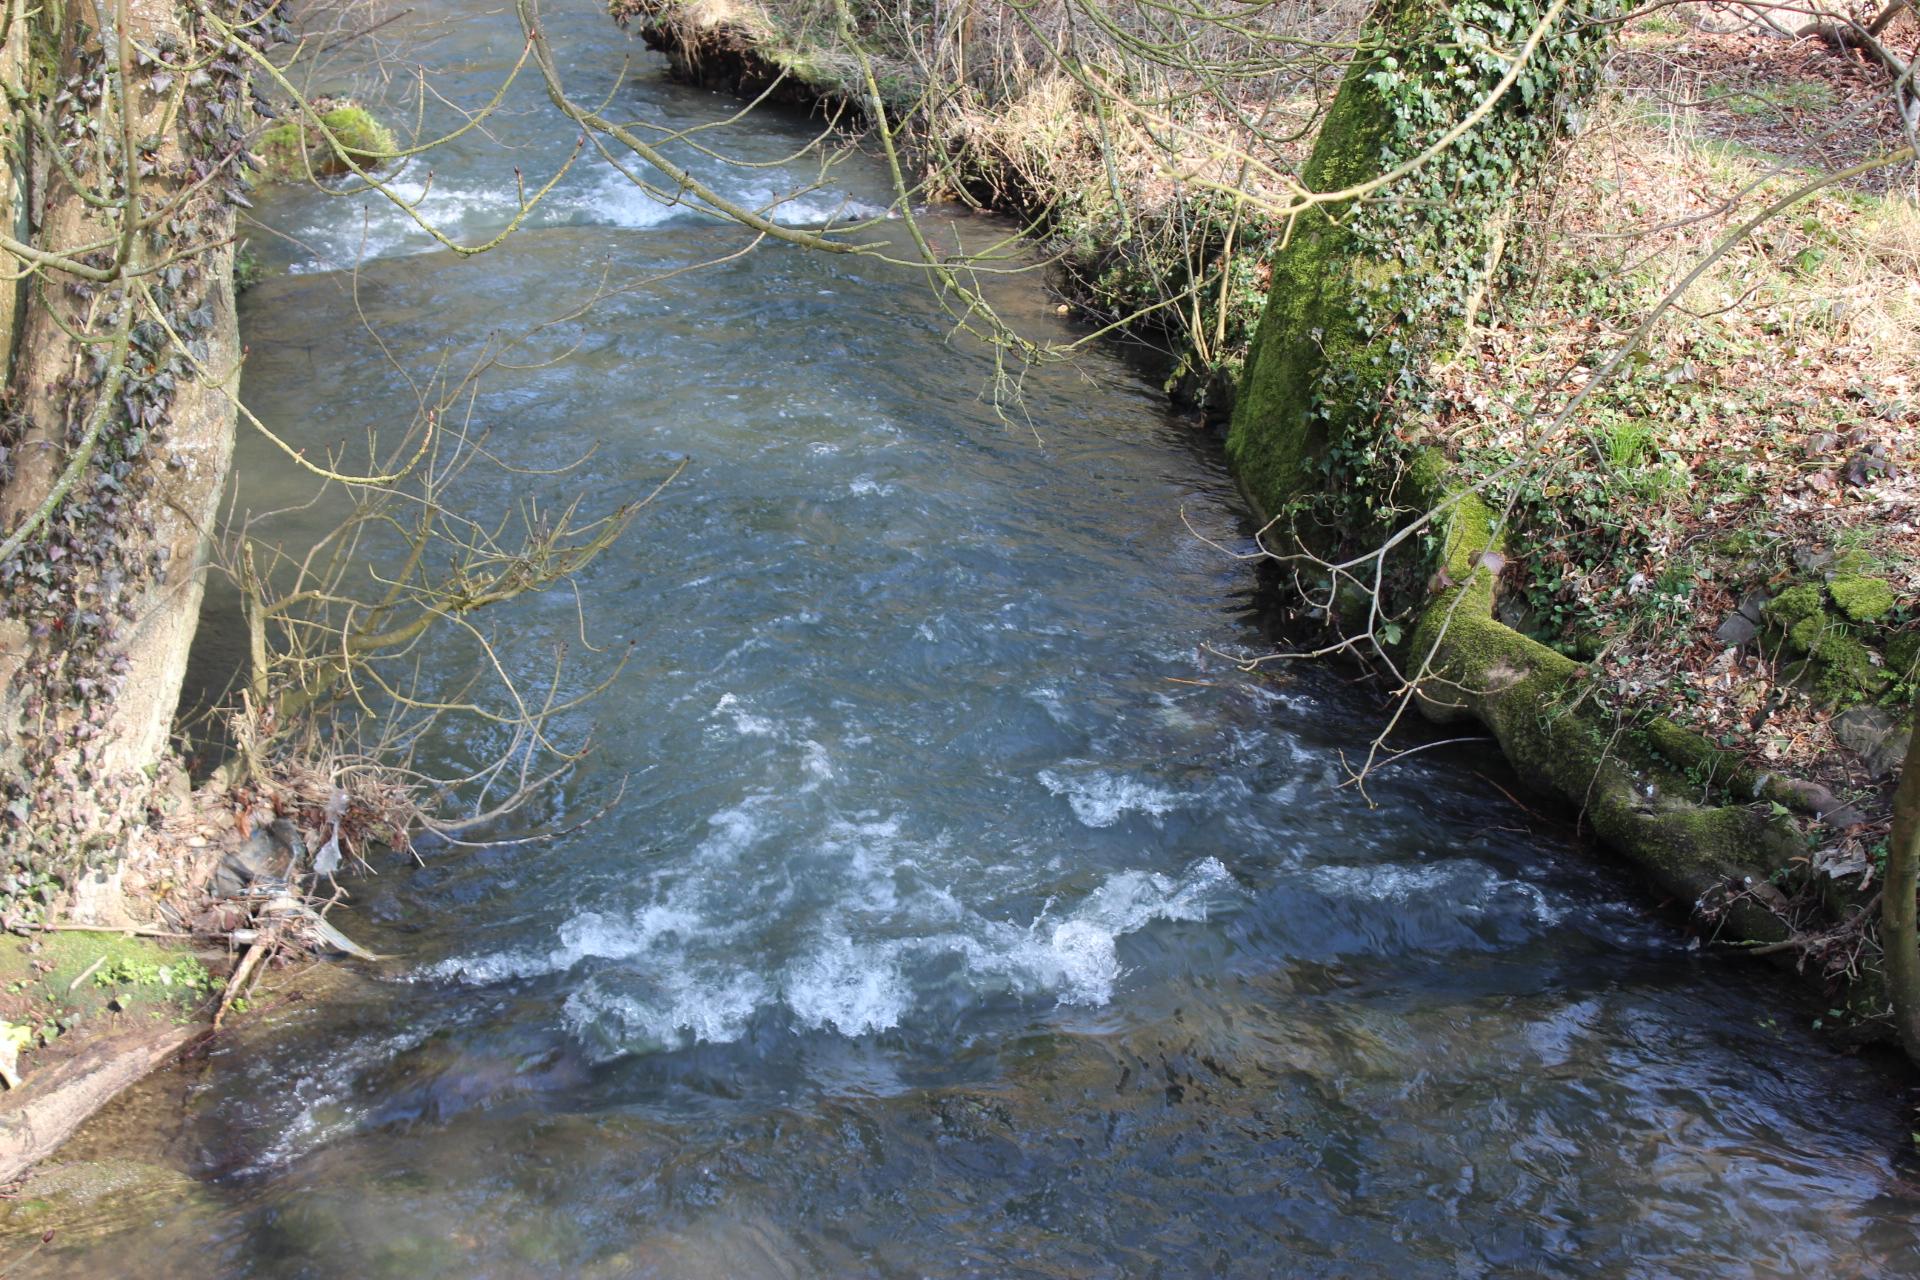 BIOレシピビオキッチンヨーロッパ小川